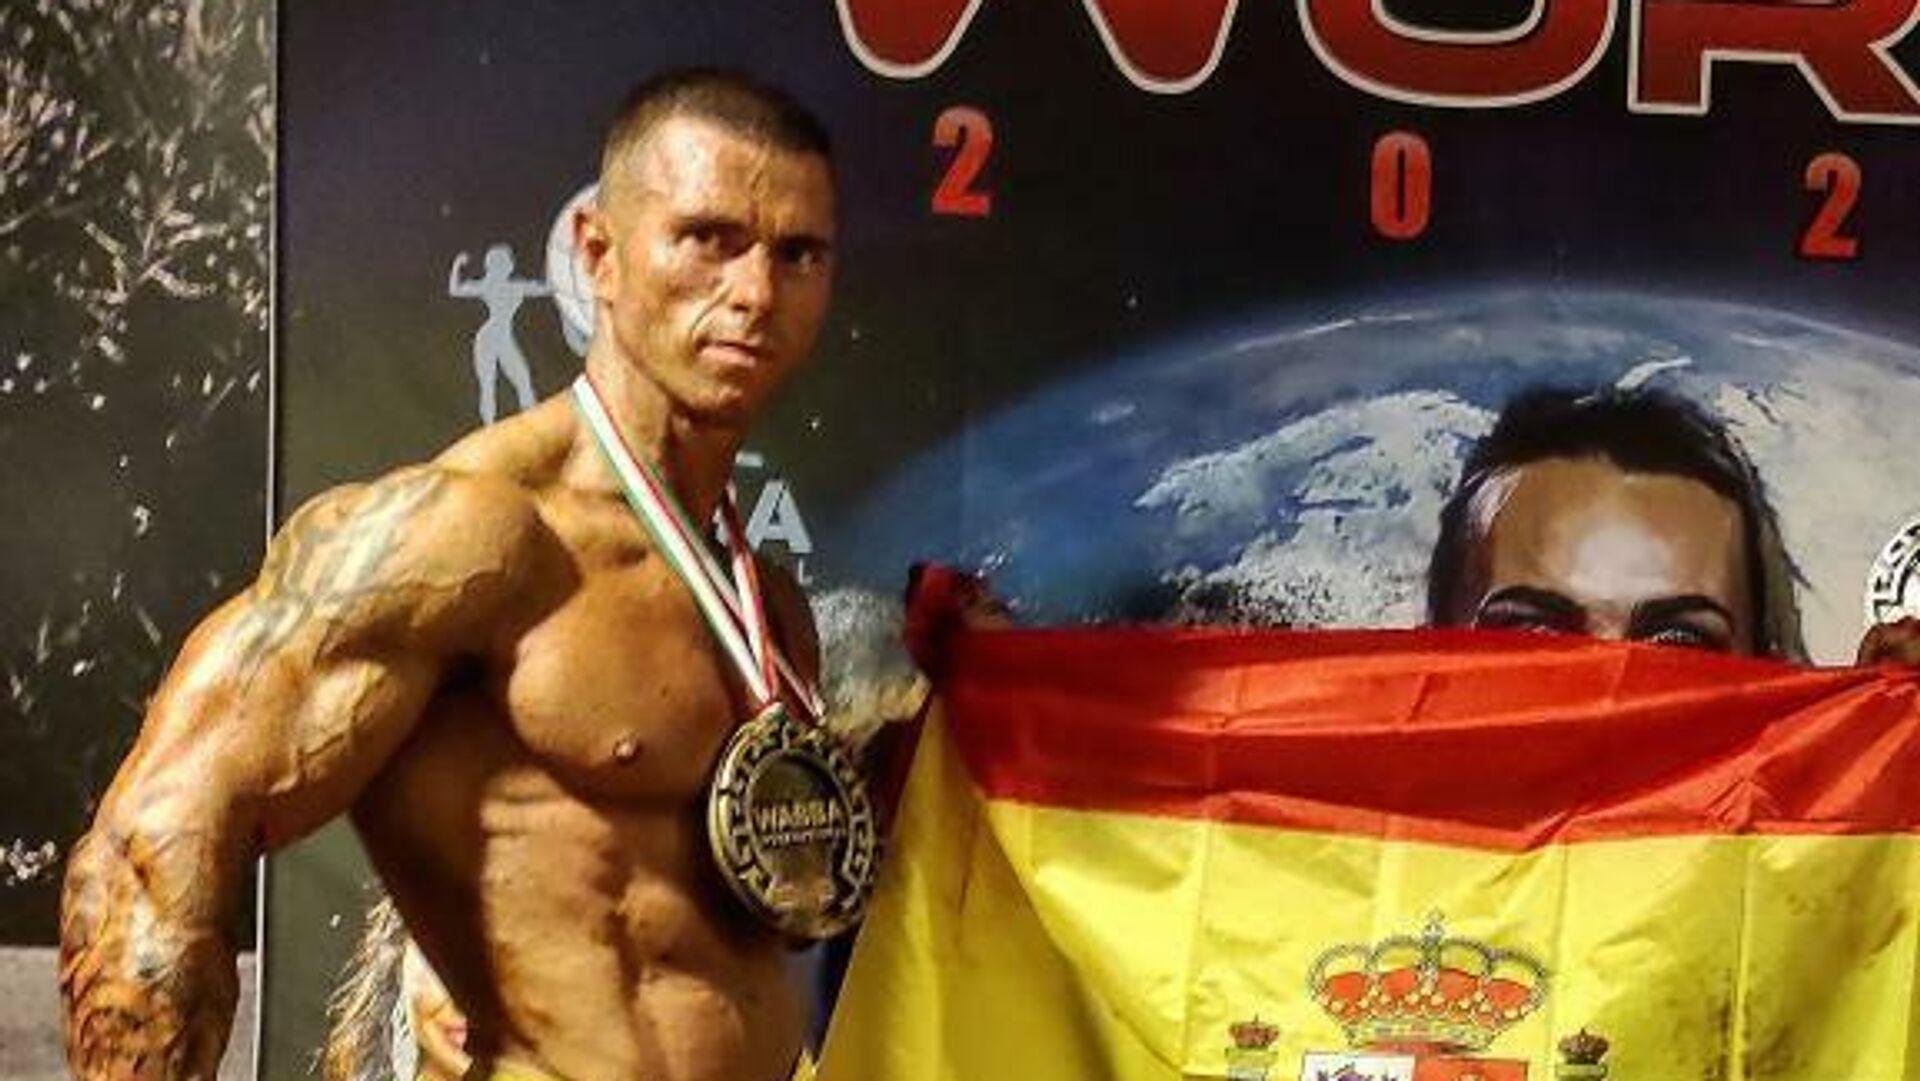 Miguel Seijo ha ganado el oro en el Mr y Miss World 2021 en Perugia, Italia - Sputnik Mundo, 1920, 10.09.2021